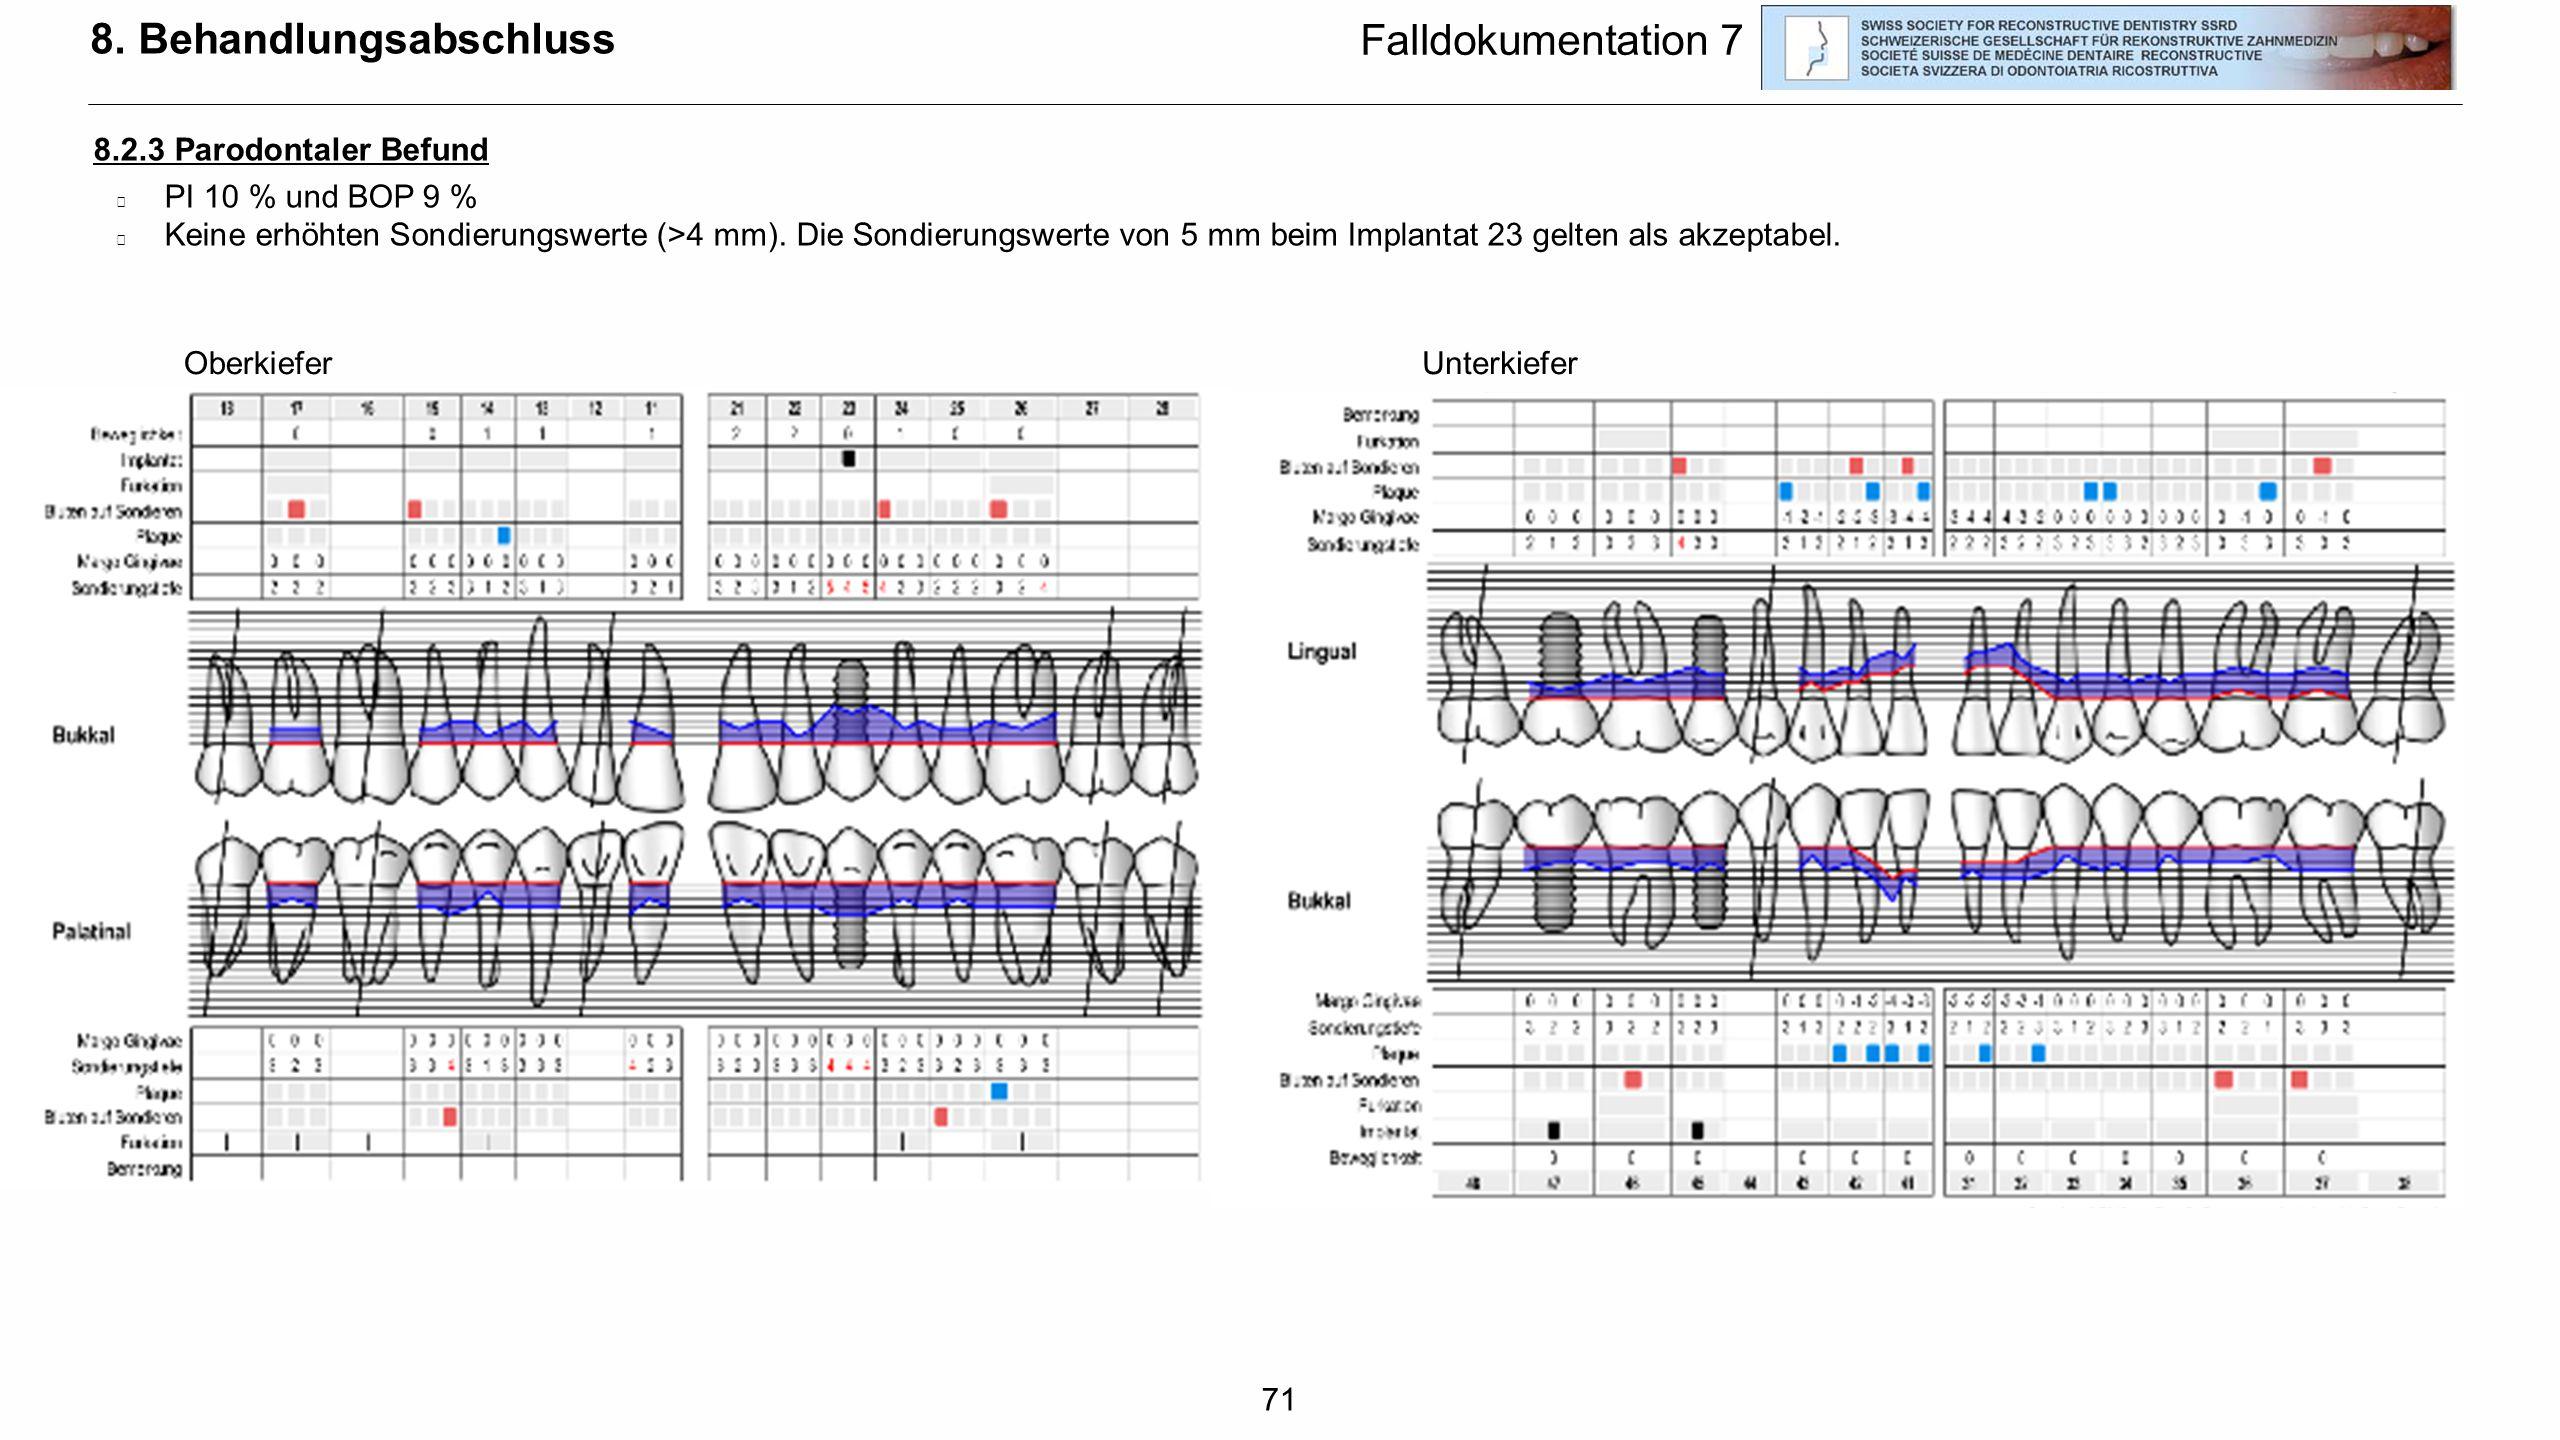 71 8. Behandlungsabschluss 8.2.3 Parodontaler Befund  PI 10 % und BOP 9 %  Keine erhöhten Sondierungswerte (>4 mm). Die Sondierungswerte von 5 mm be